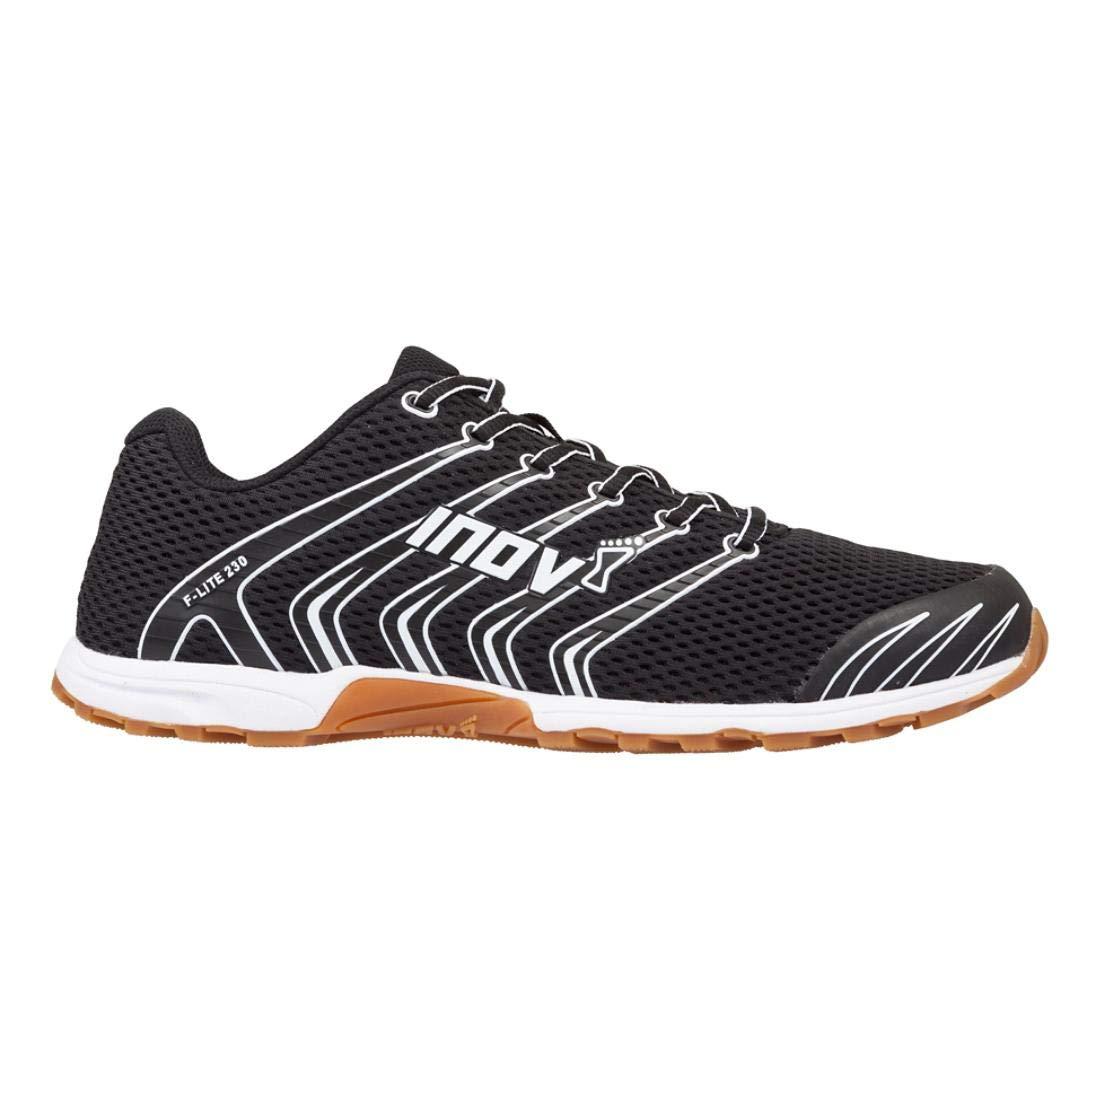 Inov8 F-Lite 230 Training Shoes AW19